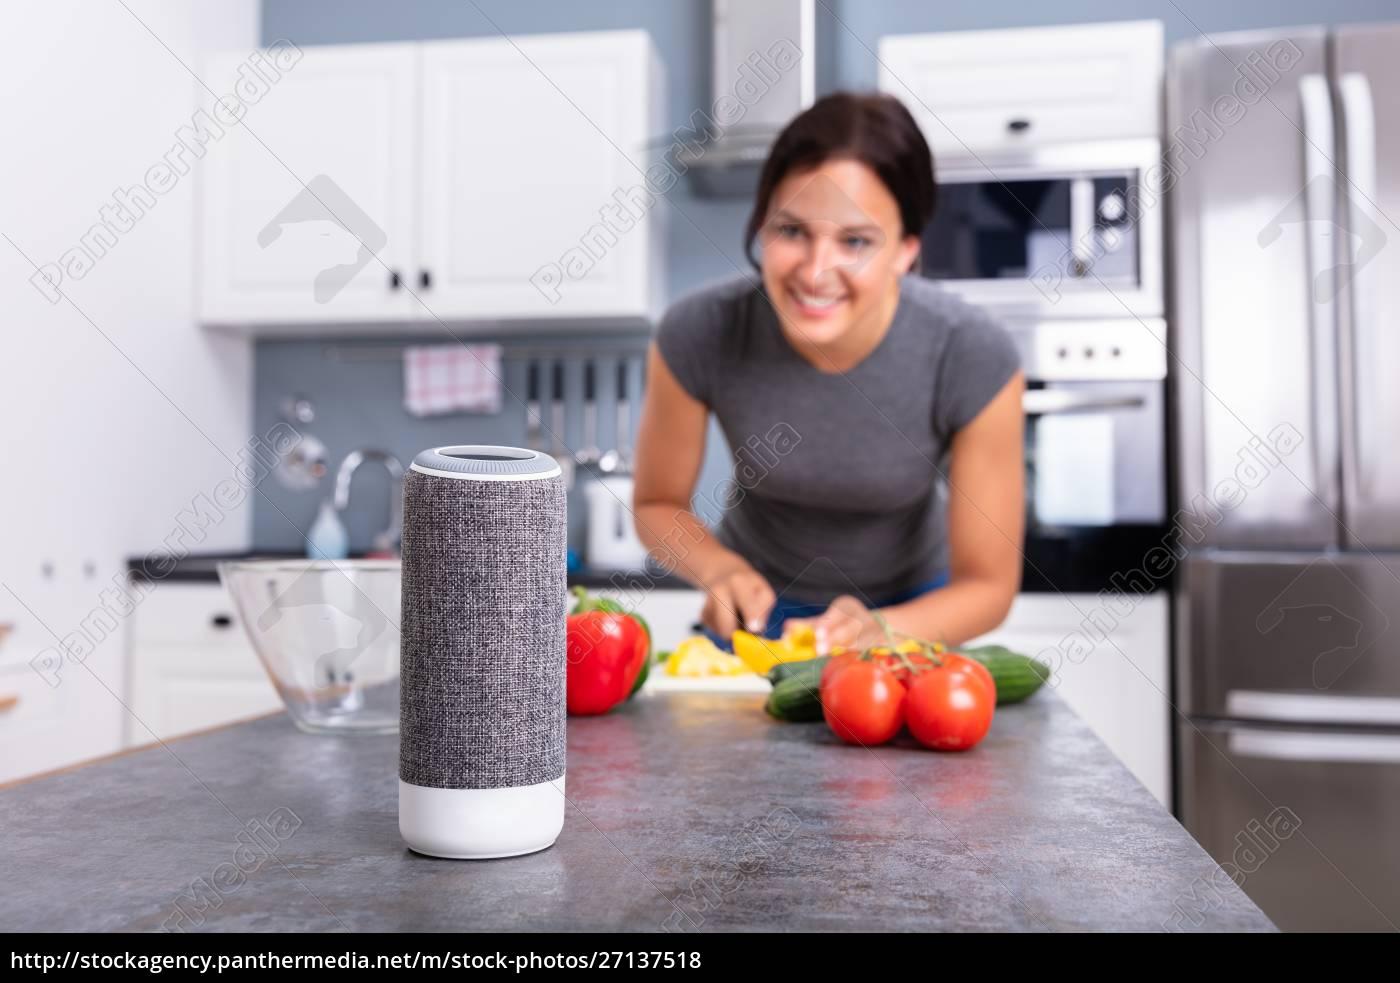 kobieta, słuchamuzyki, na, bezprzewodowygłośnik - 27137518